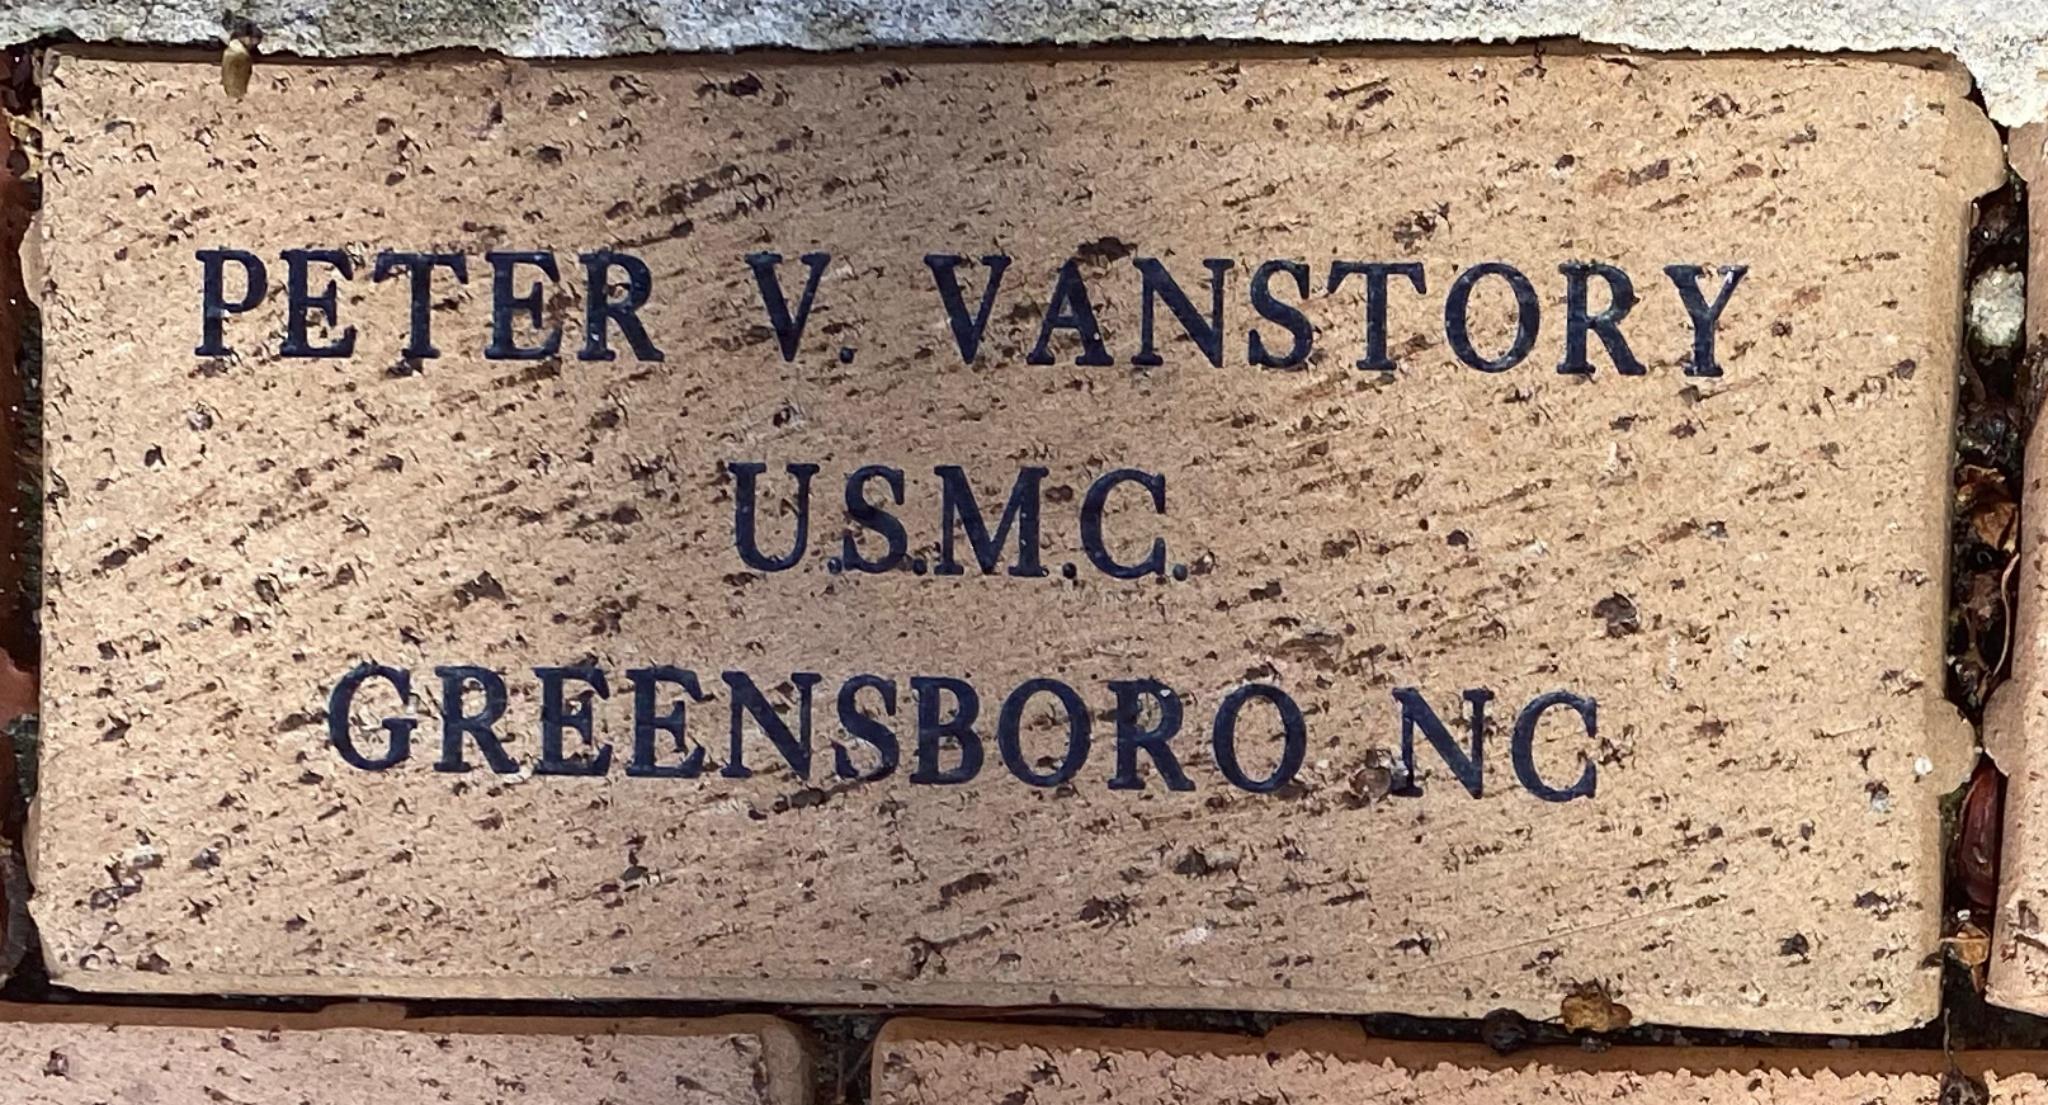 PETER V. VANSTORY U.S.M.C. GREENSBORO NC